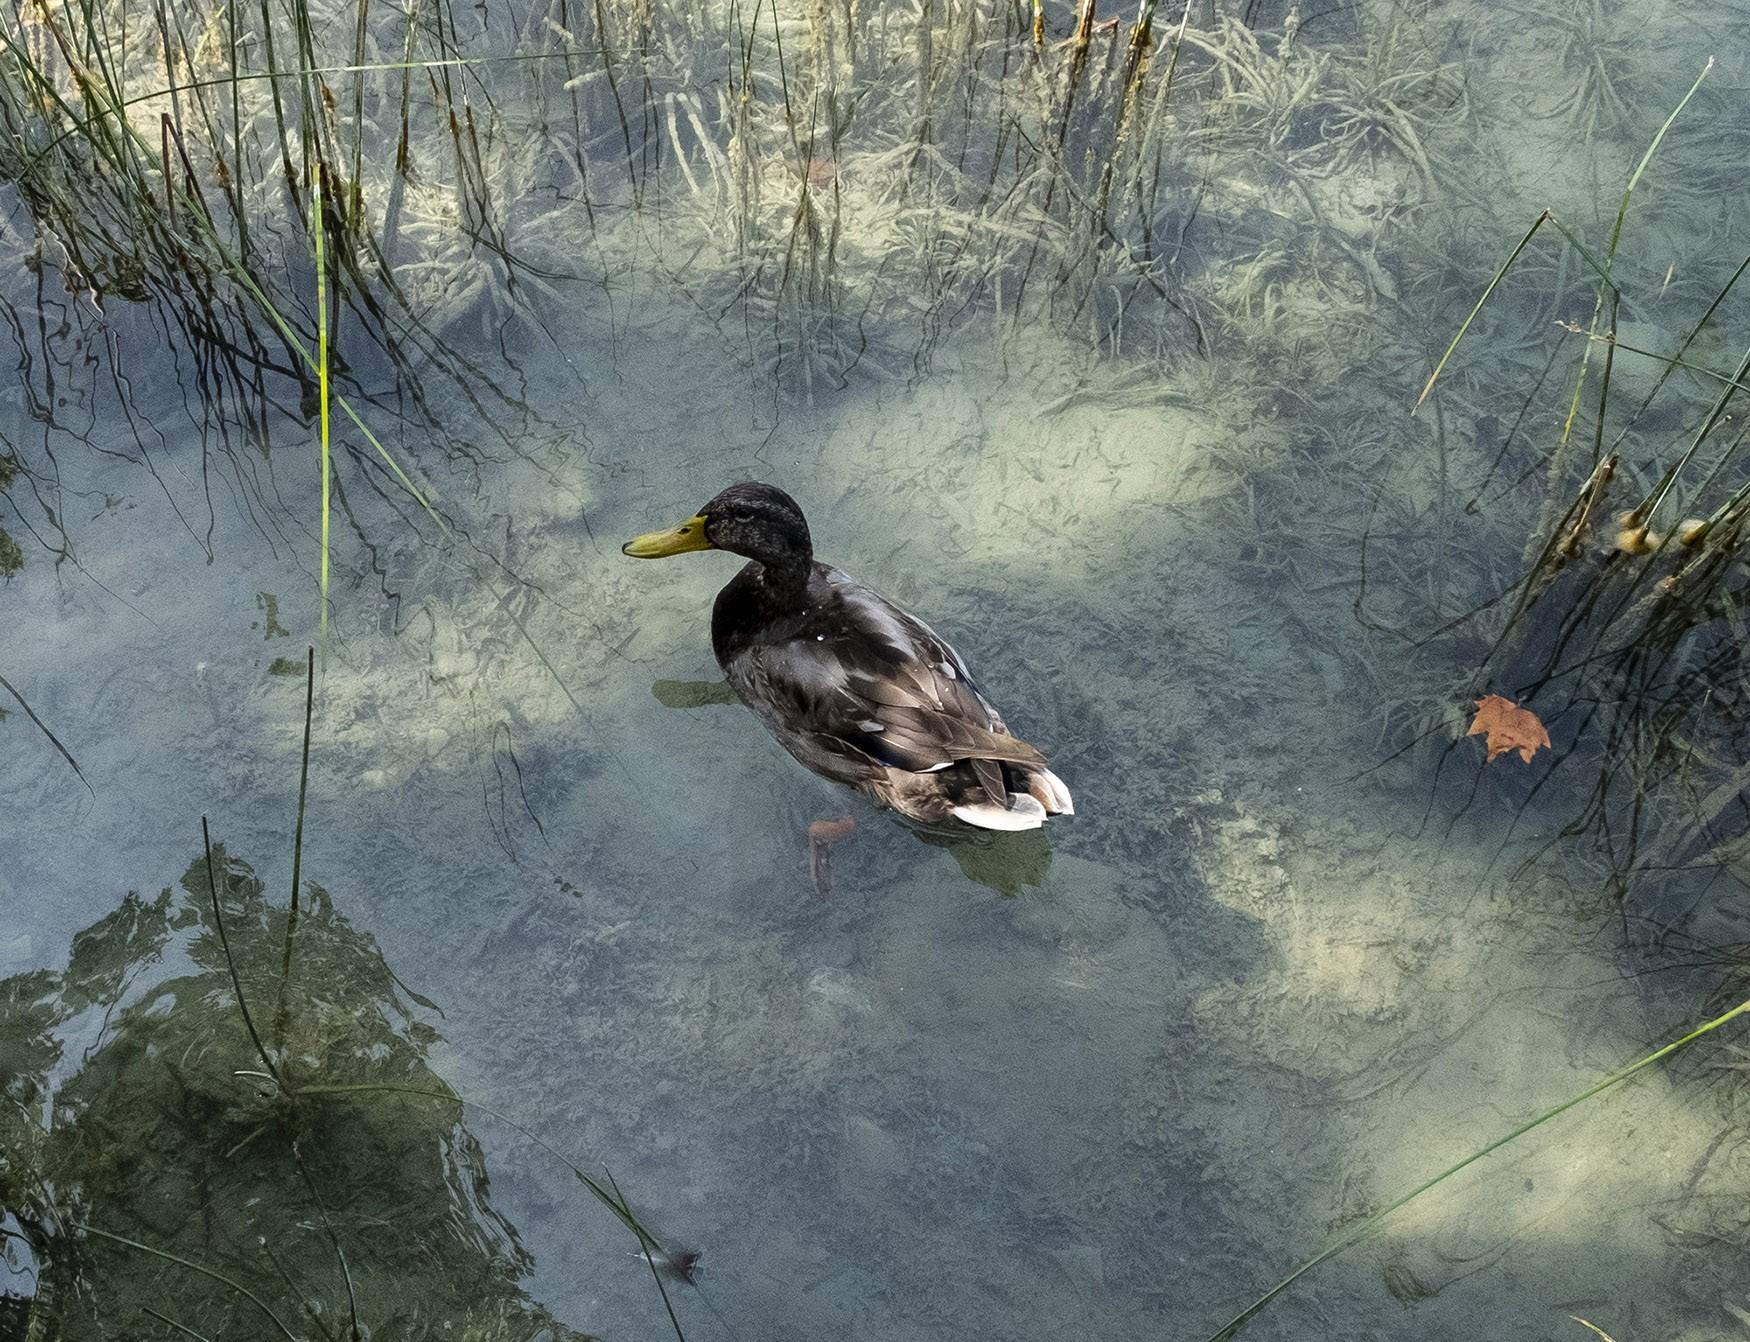 Fotografía de un pato en el estanque de Banyoles, Cataluña